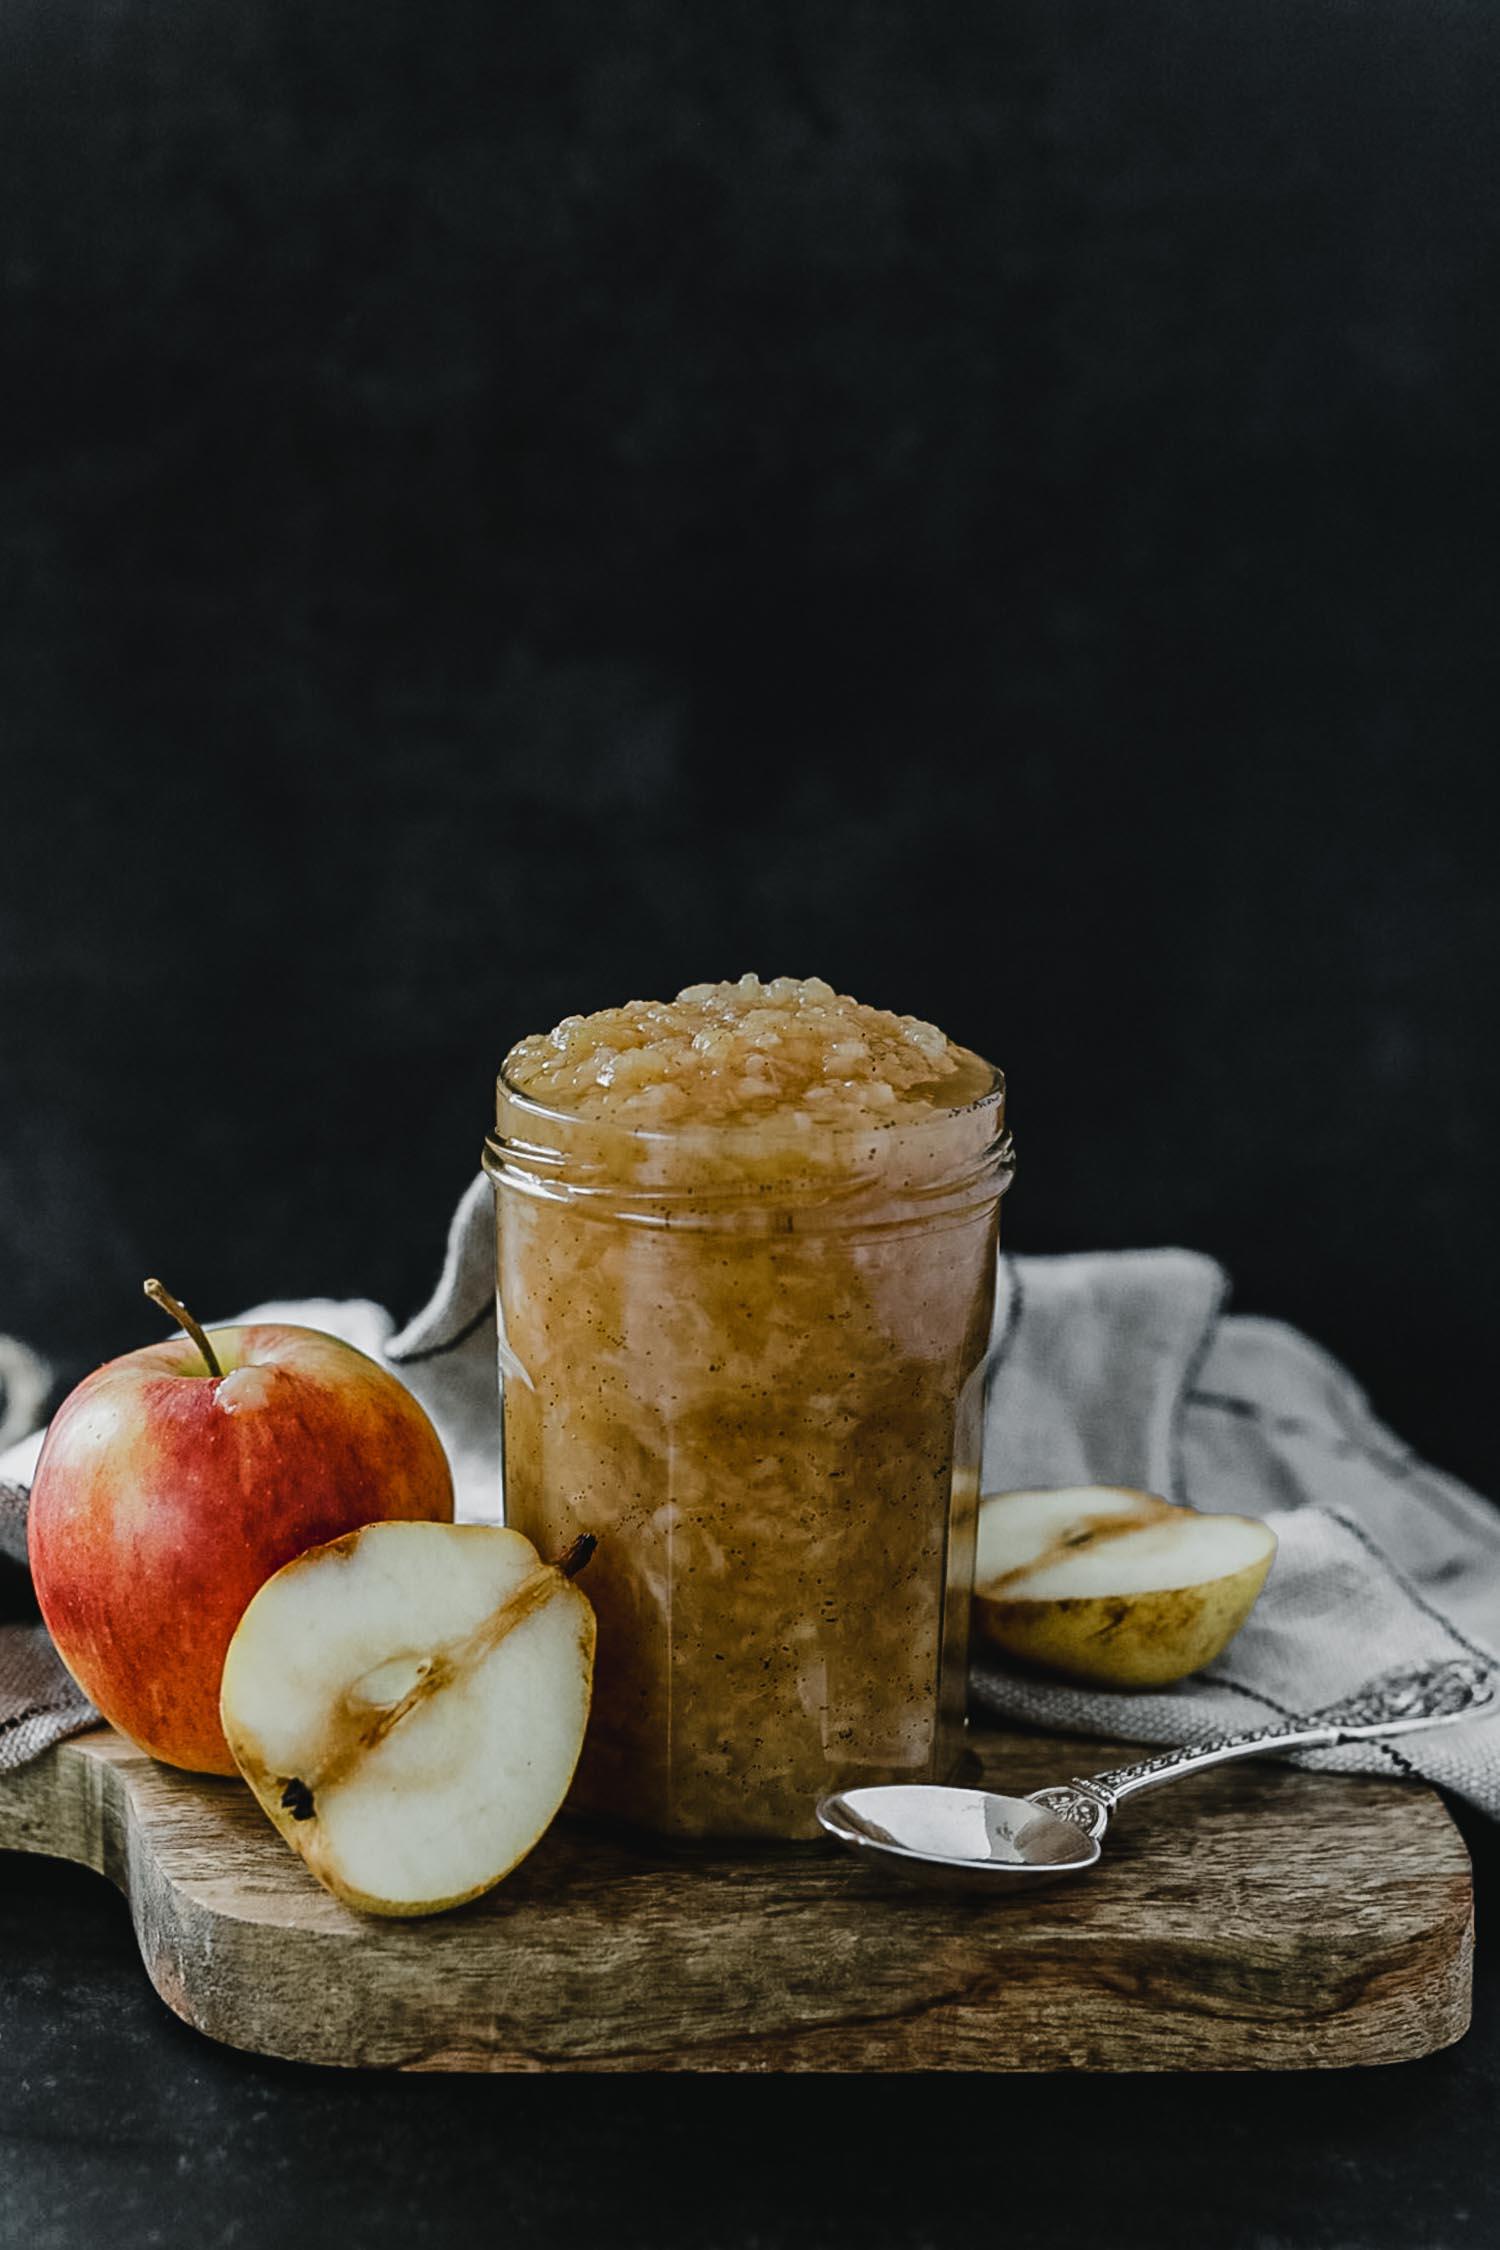 Recettes compotes automnales : compote pomme poire vanille